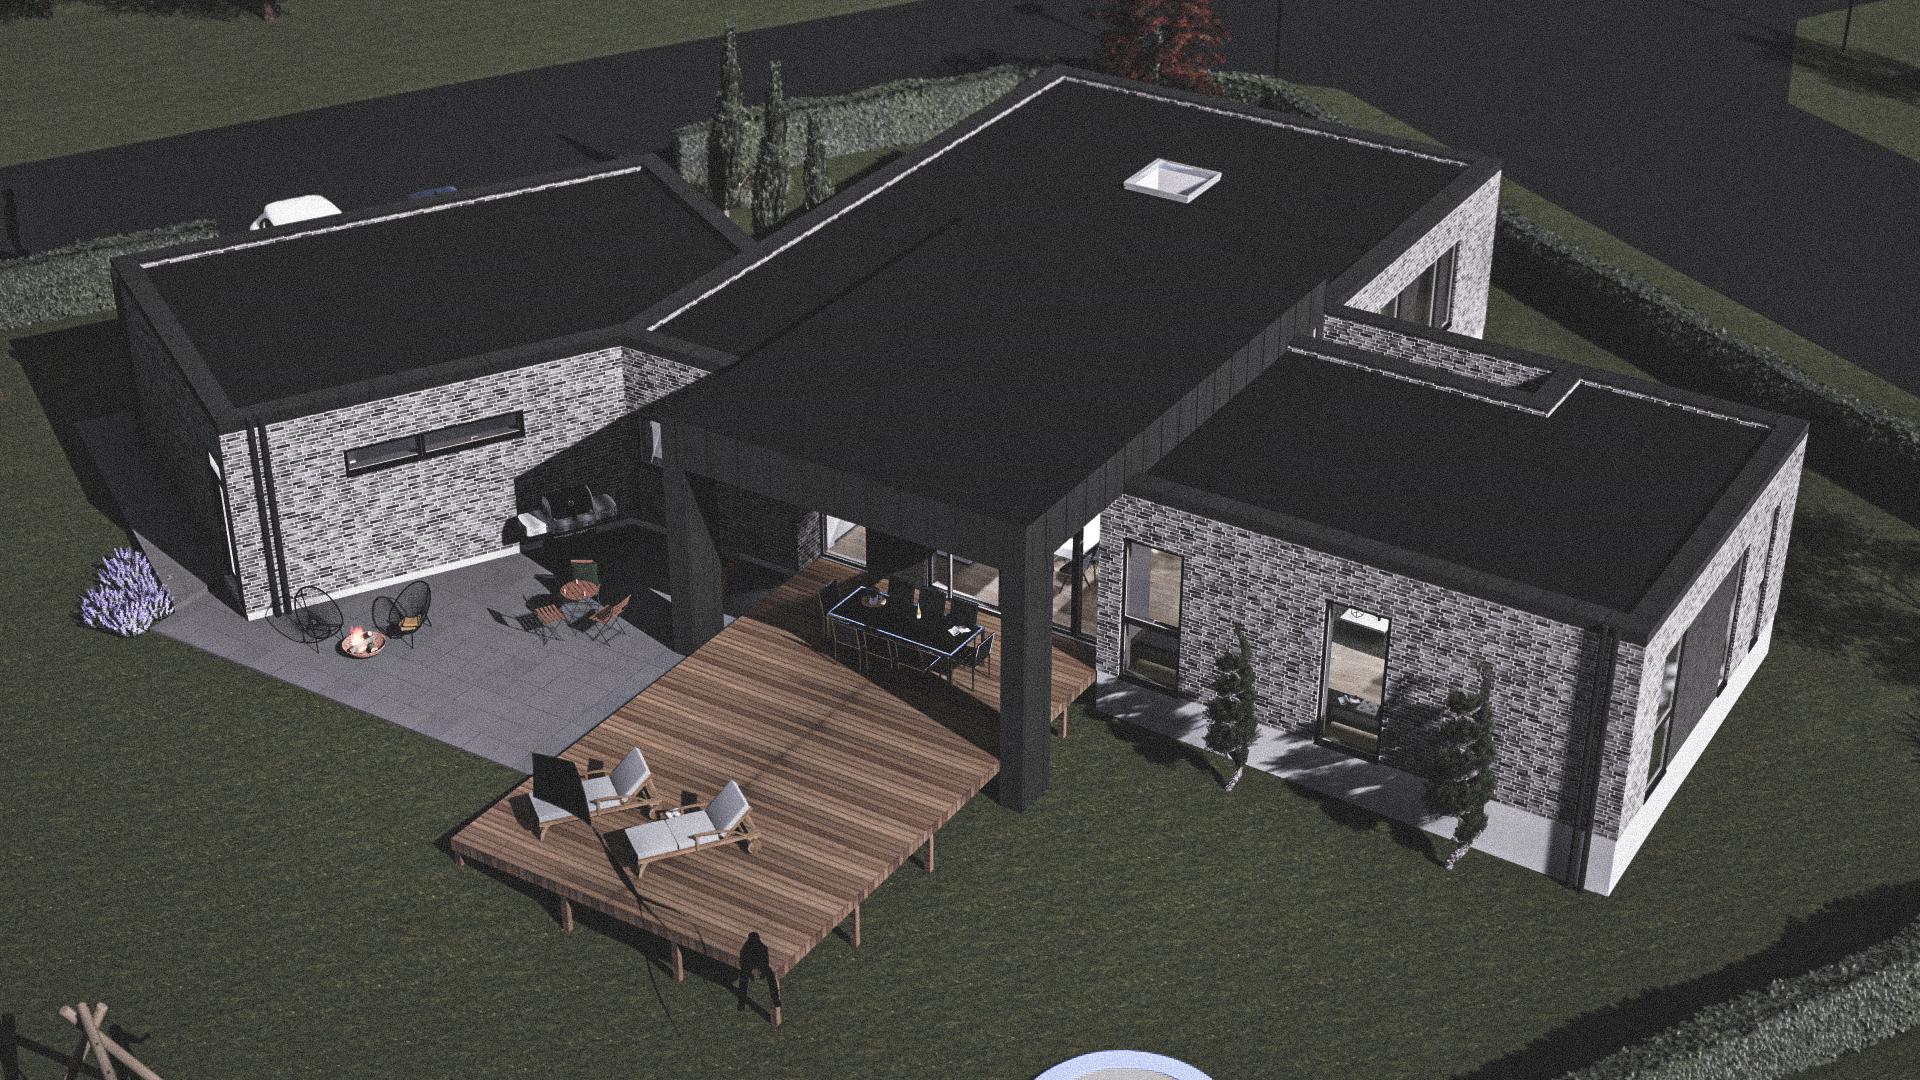 Billede af Dansk arkitekttegnet 1 plan villa af arkitektfirmaet m2plus, i Hjallerup på 204 kvartratmeter.